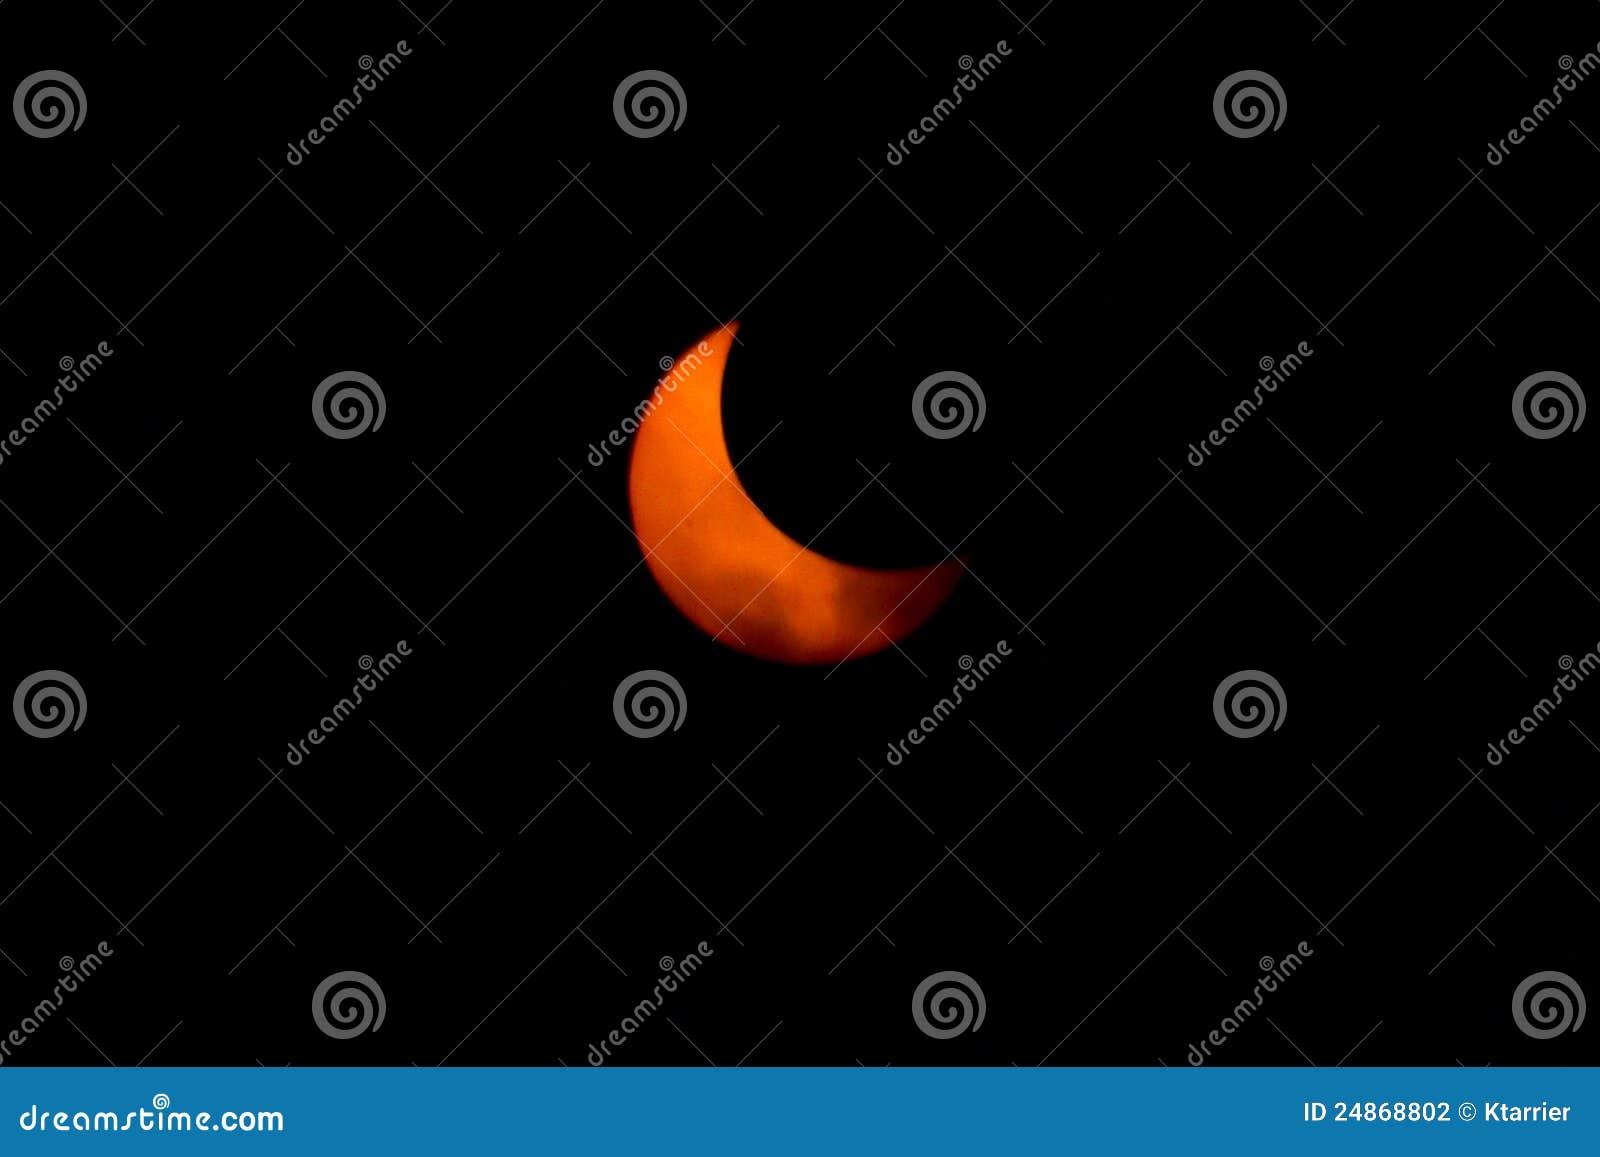 Tokyo, Giappone - 21 maggio: Eclipse anulare